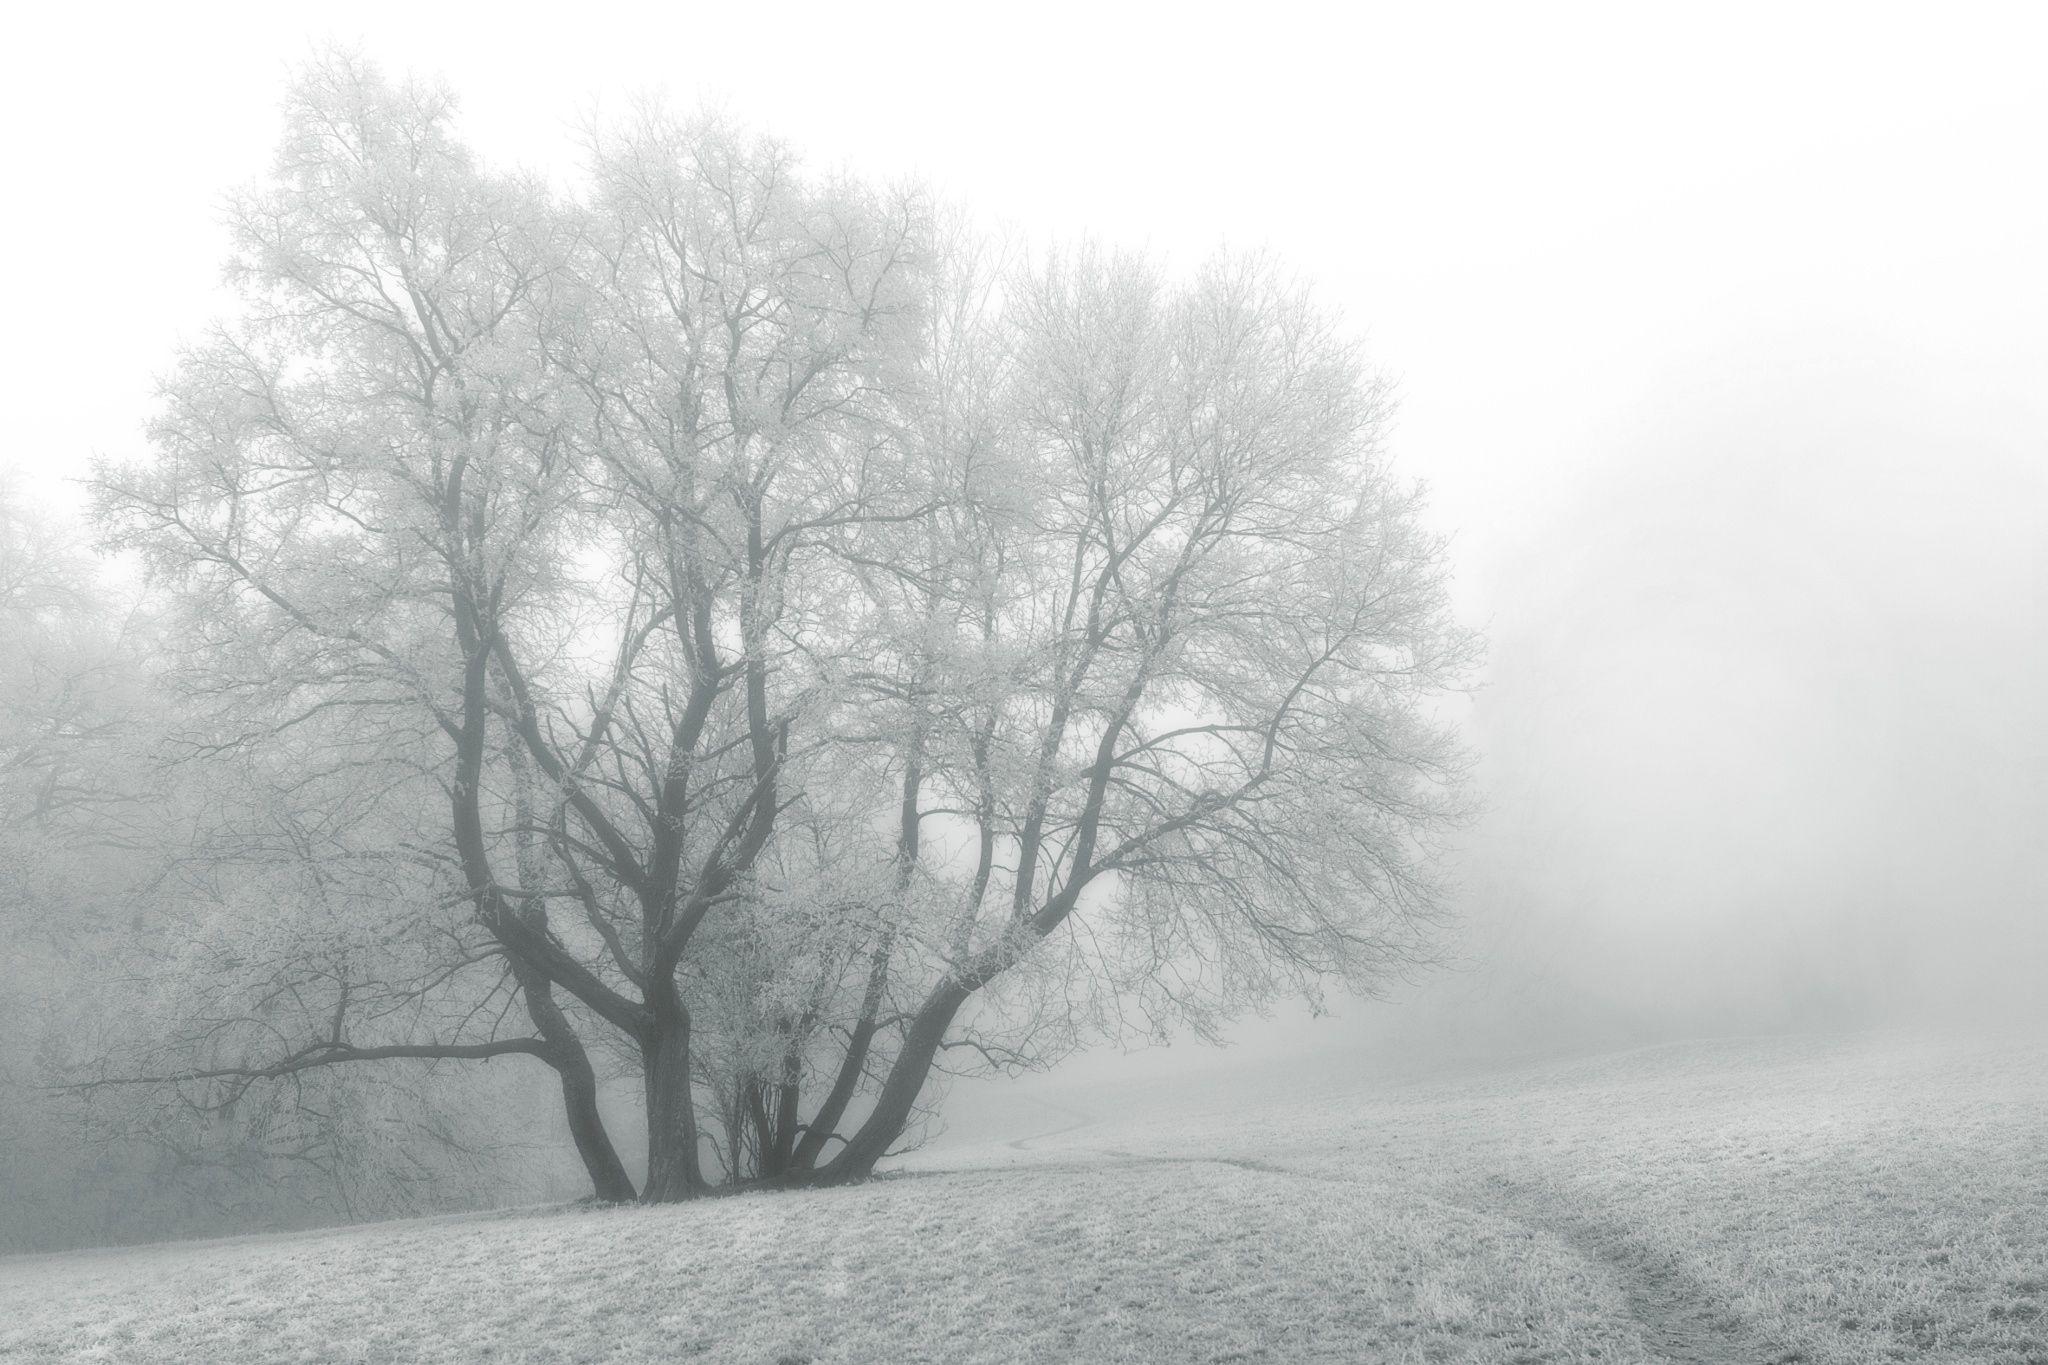 Frosty December by Csilla Zelko on 500px